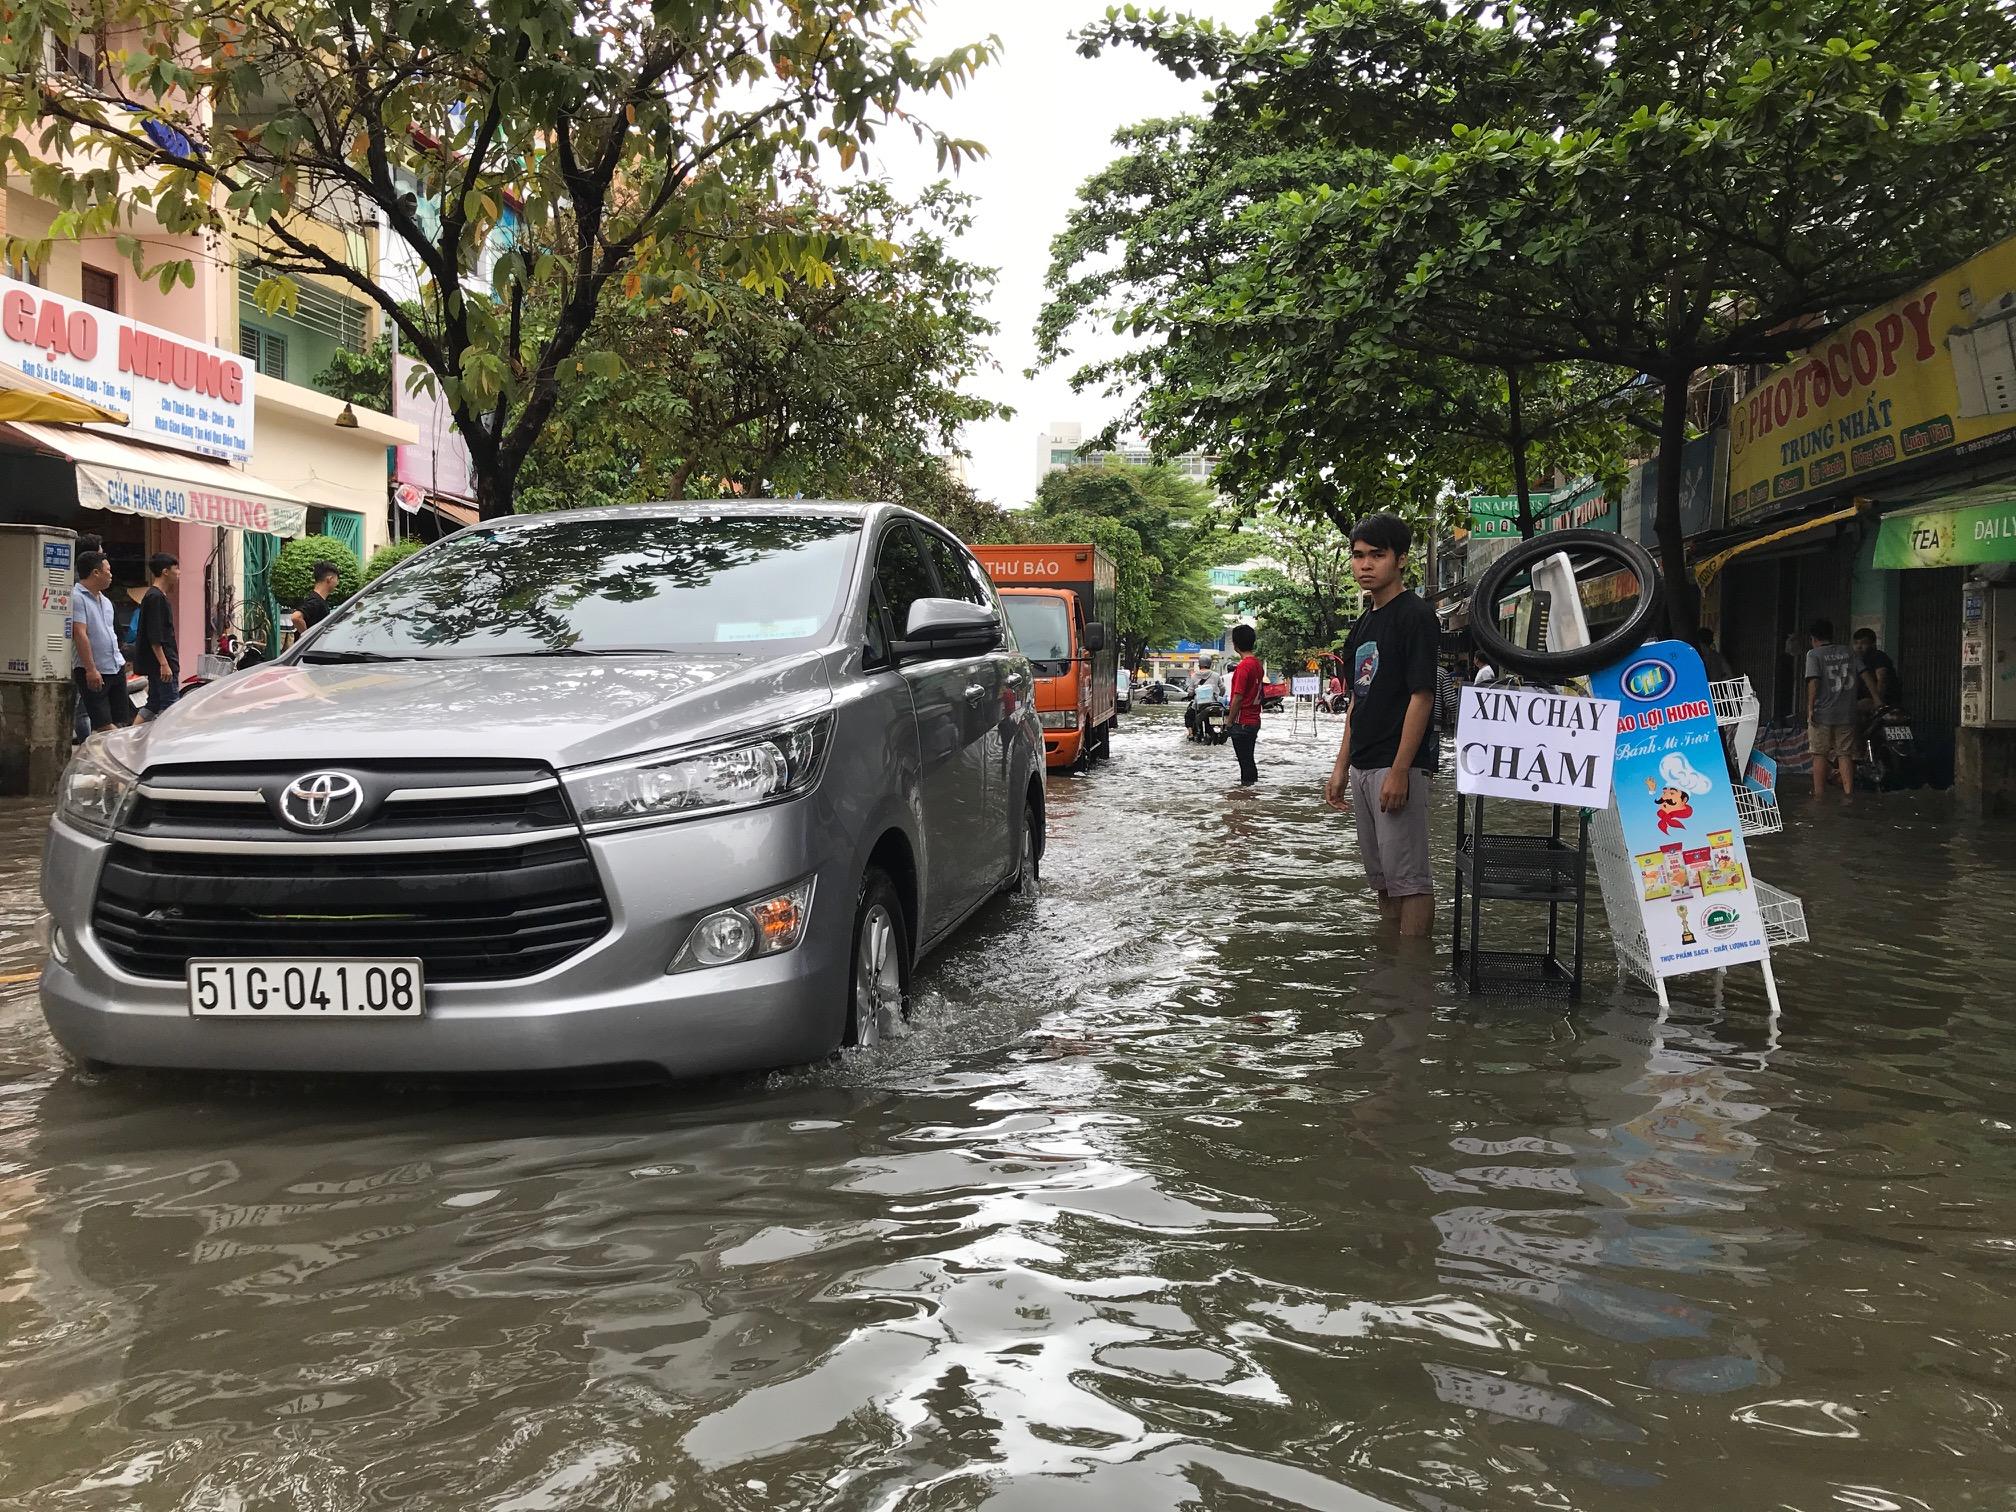 TPHCM ngập, giao thông ùn ứ sau cơn mưa kéo dài do ảnh hưởng bão số 9 ảnh 7